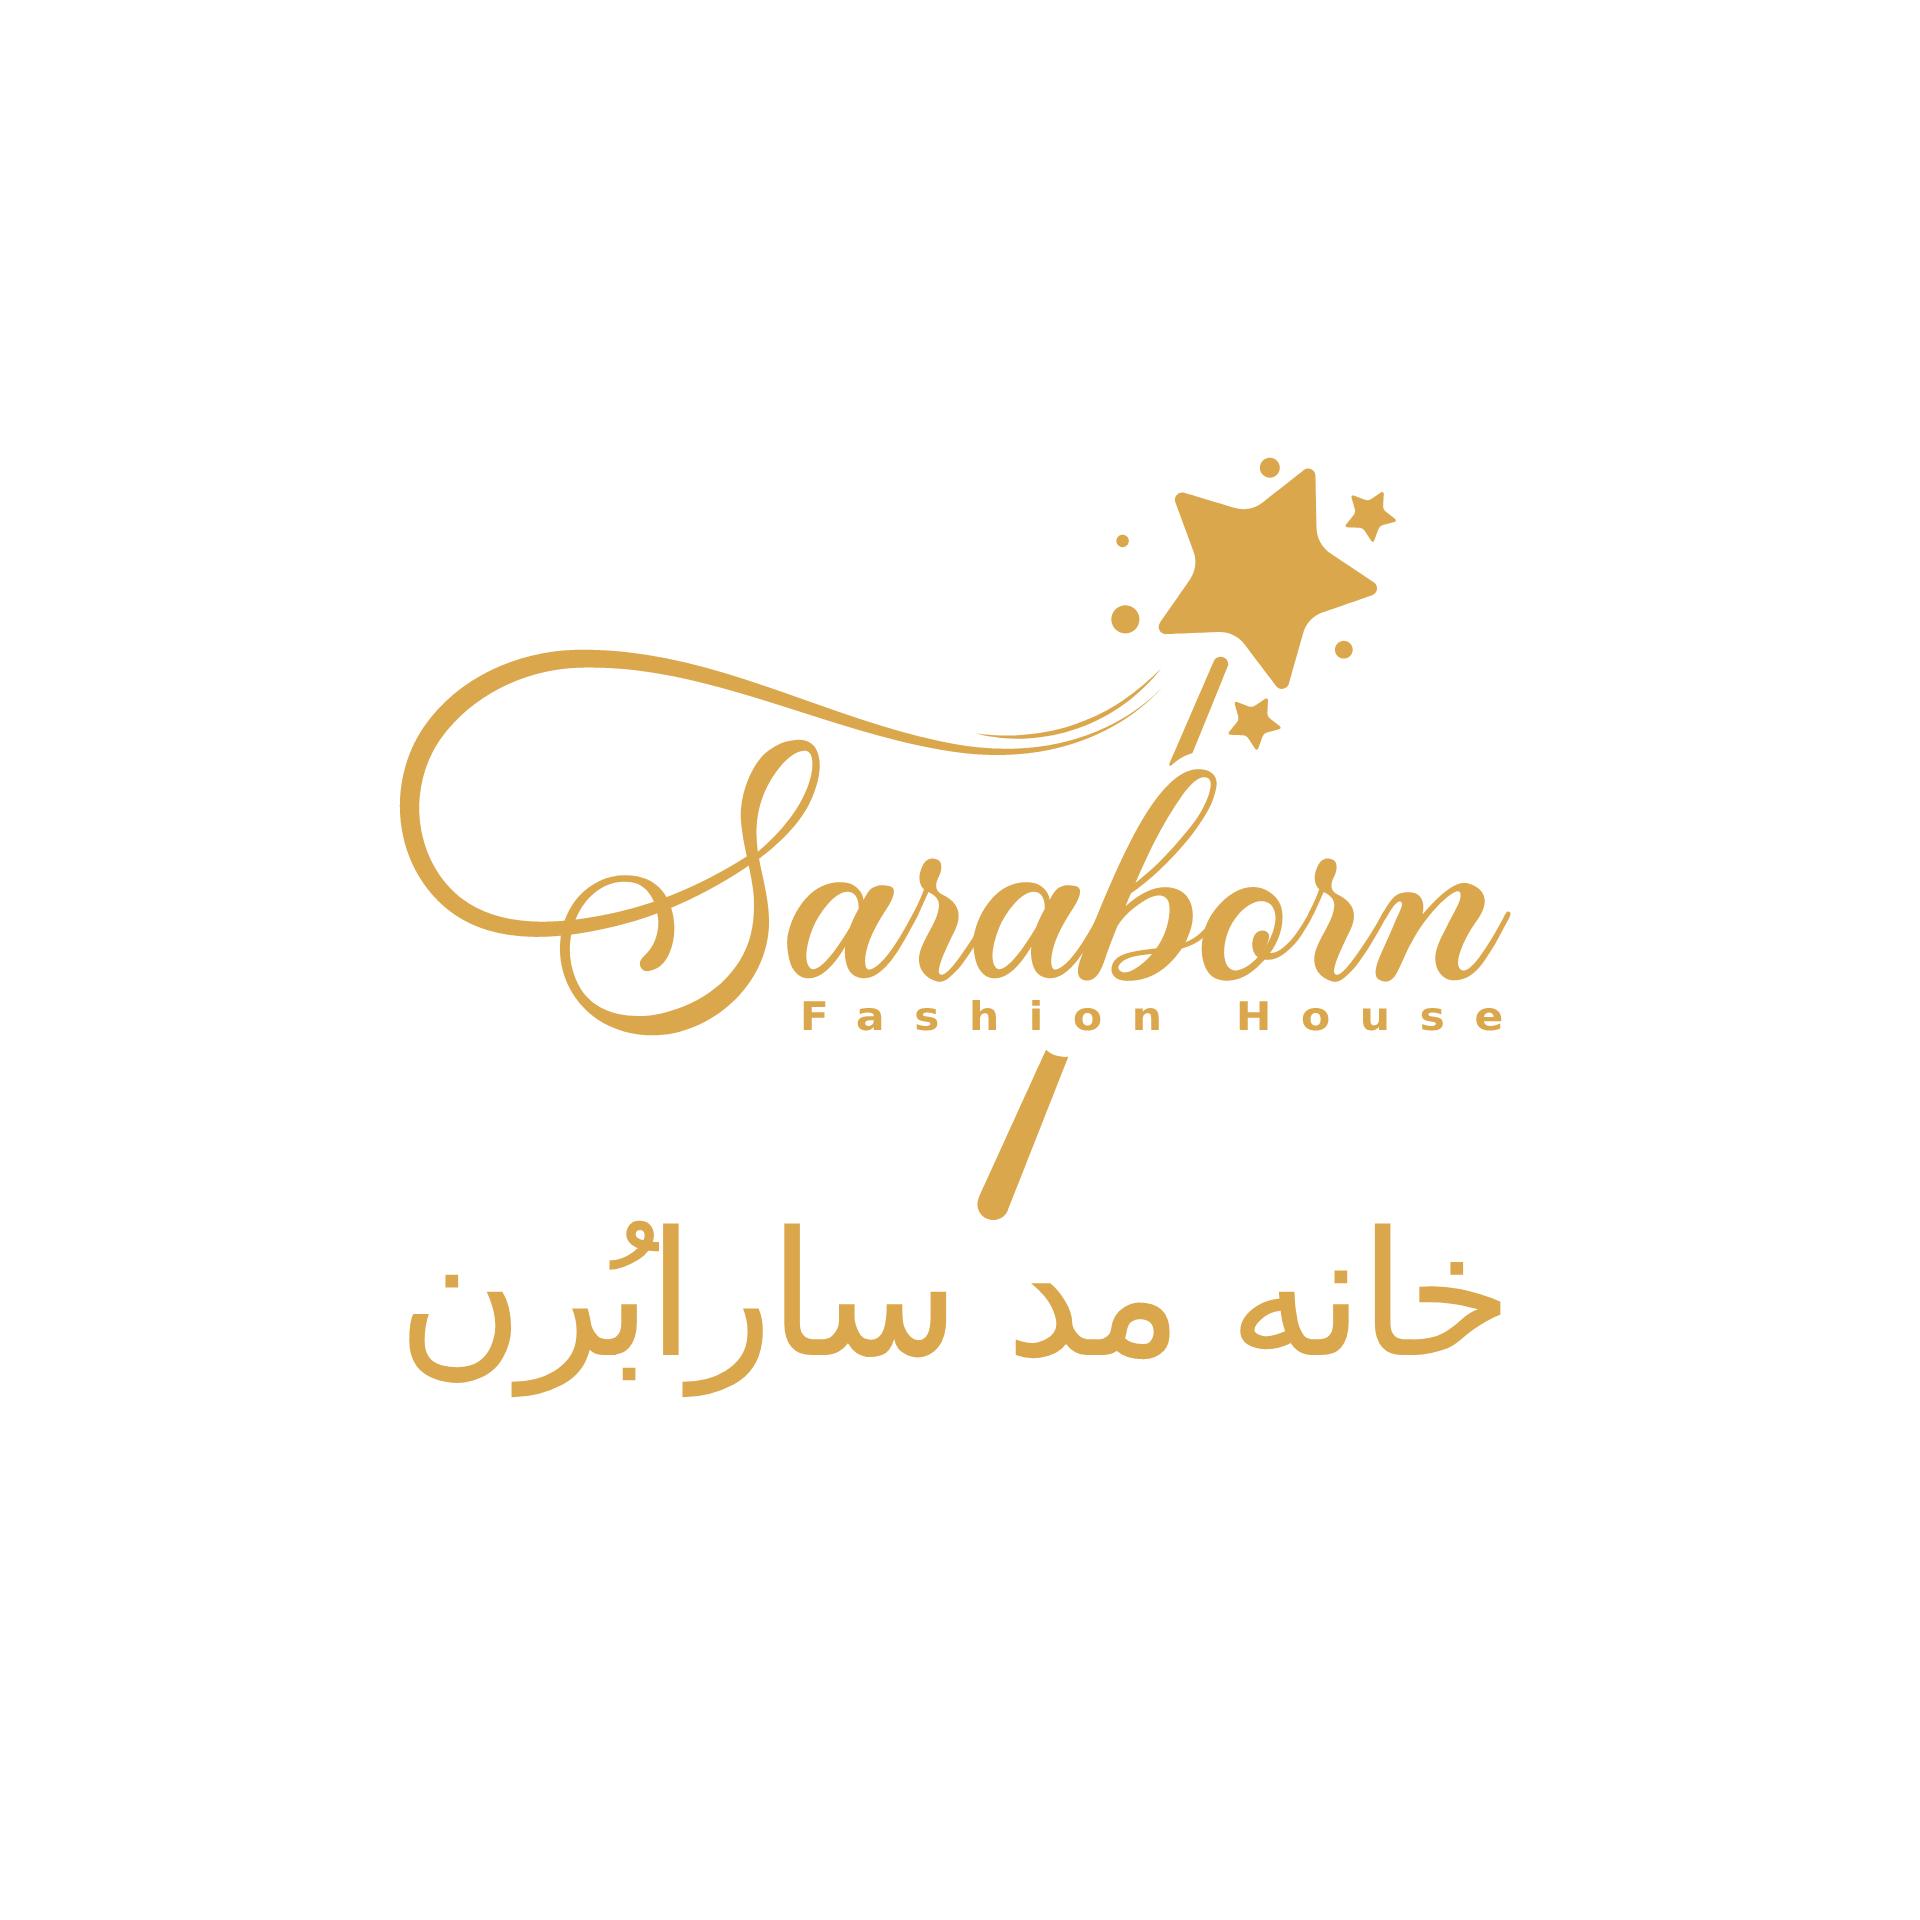 خانه مد کودک سارابُرن